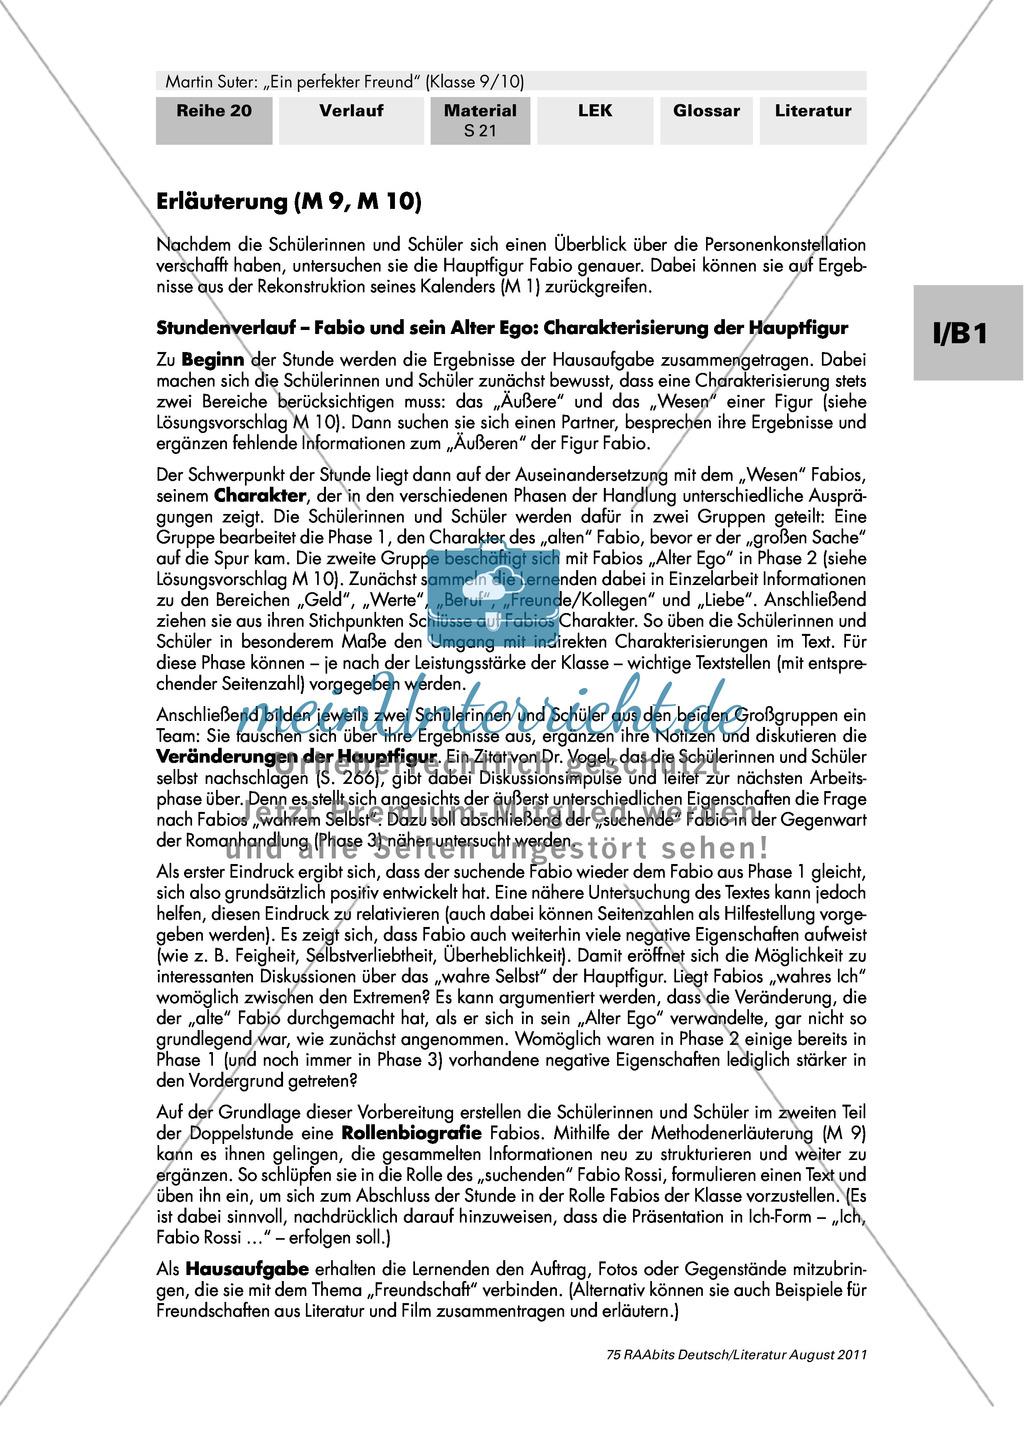 Martin Suter u0026quot;Ein perfekter Freundu0026quot;: Charakterisierung der ...